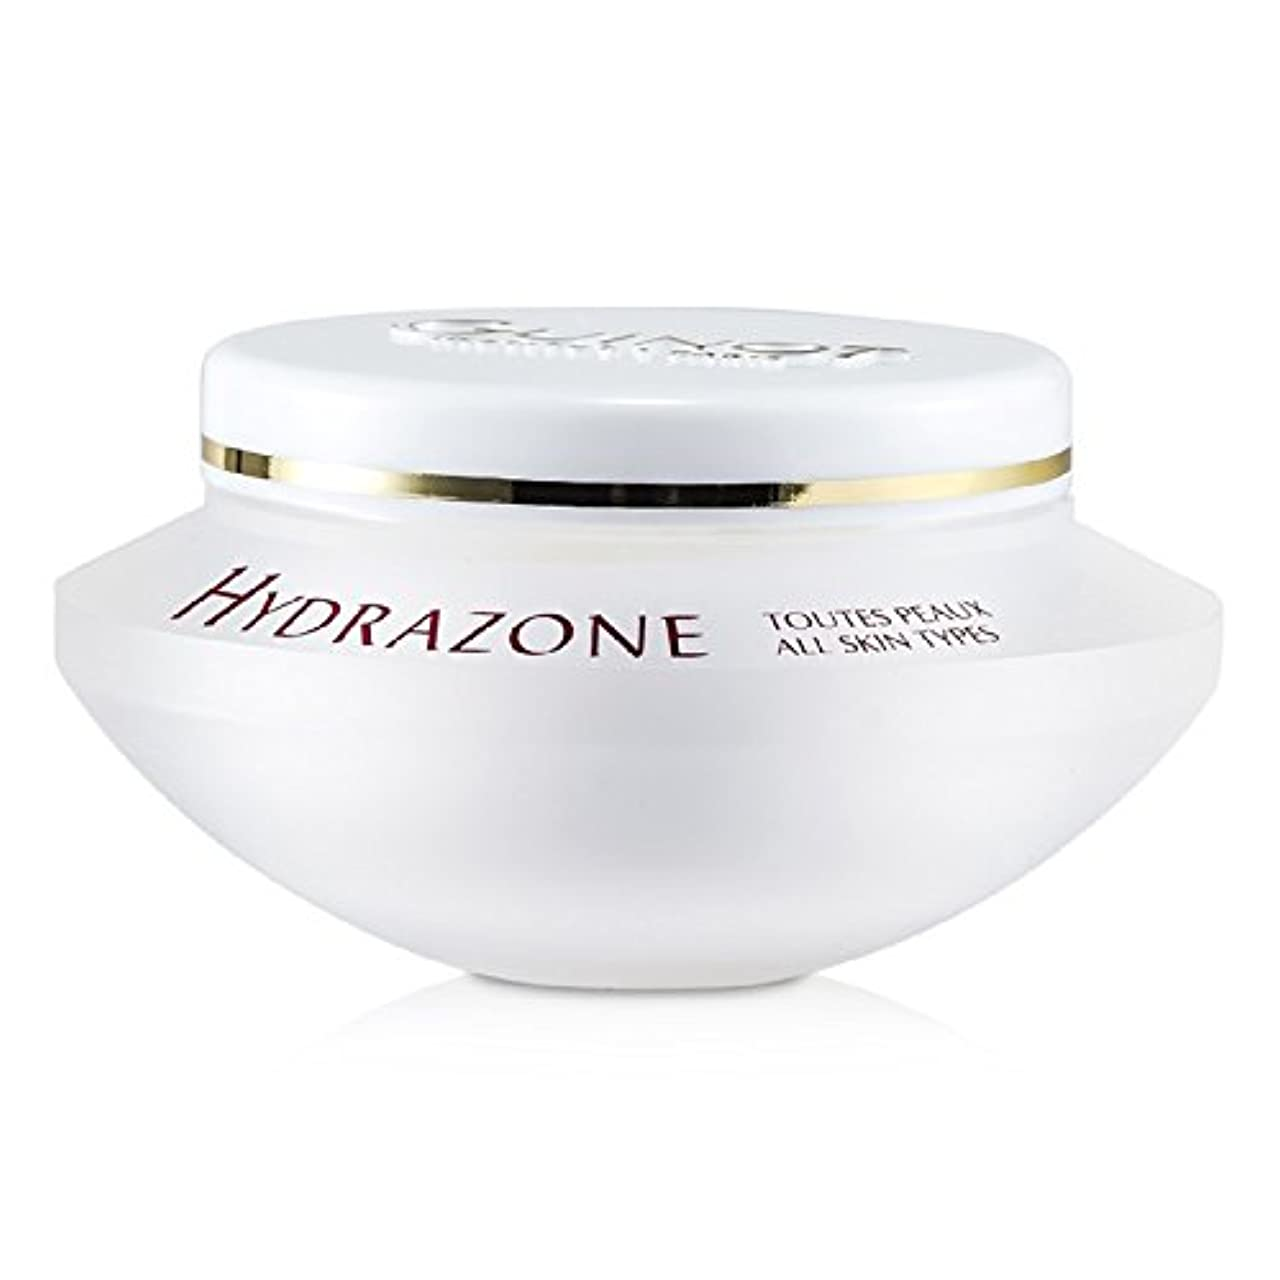 ボイコット頬のギノー イドラゾーン オールスキン 50ml/1.6oz並行輸入品